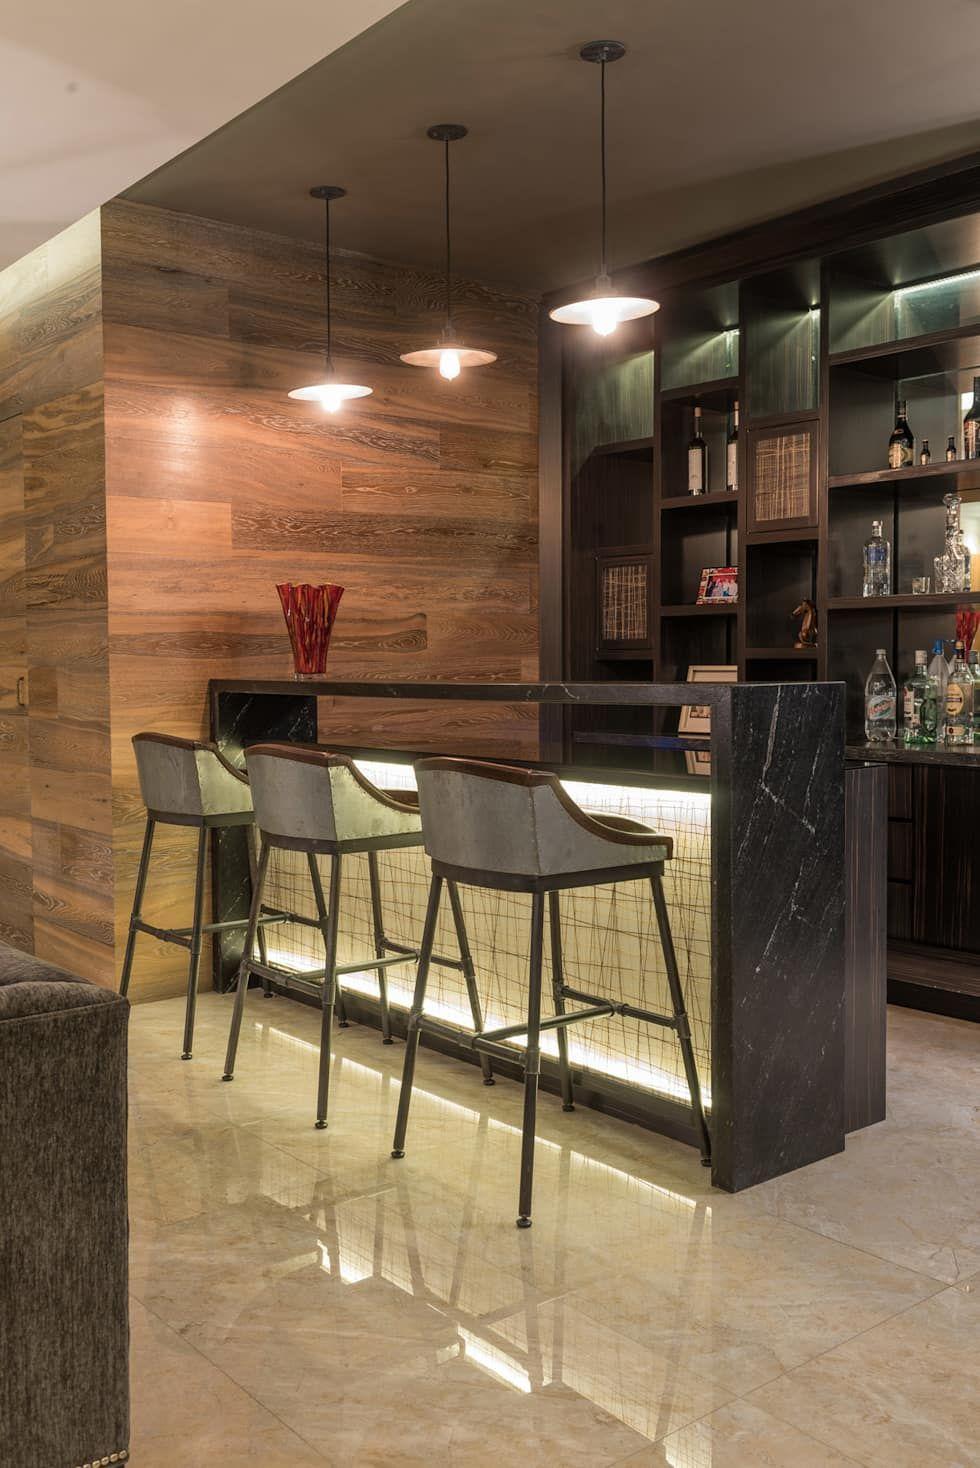 La c spide salas de estilo por arco arquitectura for Estilos de arquitectura contemporanea